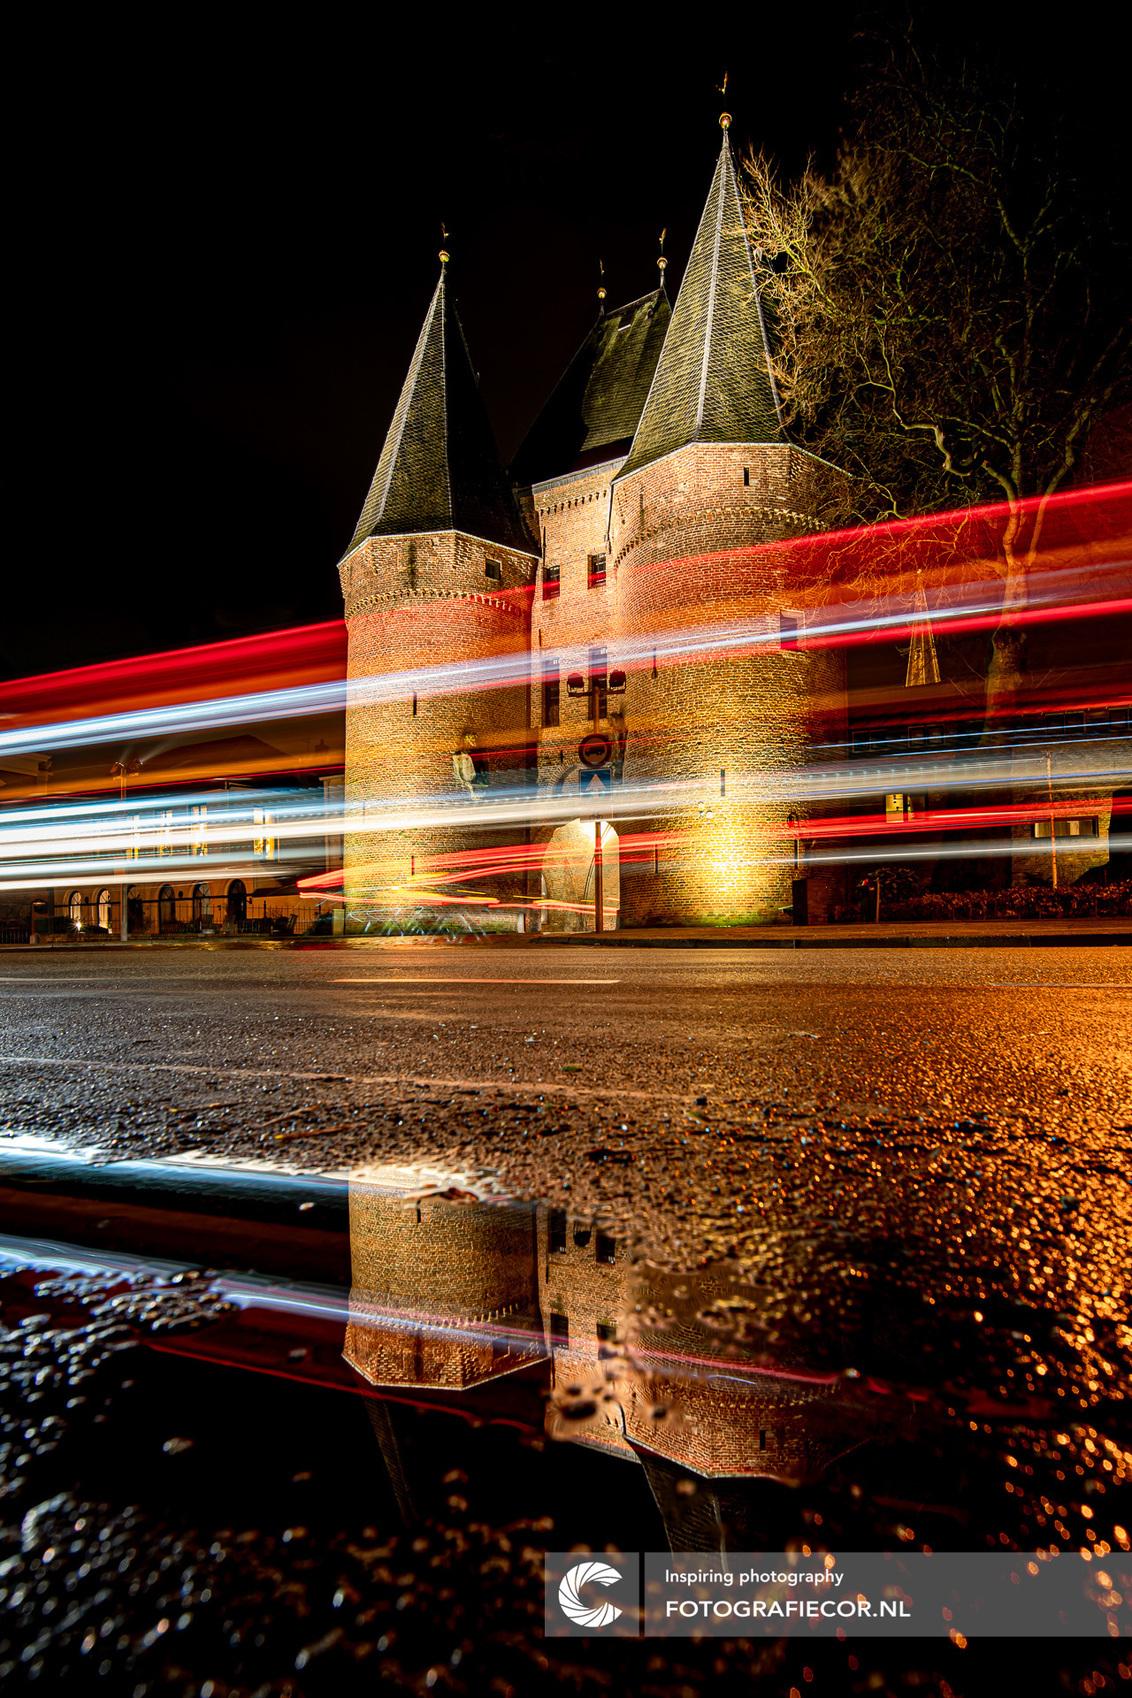 Koornmarktpoort Kampen - Old meets New: een van de drie imposante oude stadspoorten van de hanzestad Kampen. Op een druilige avond zoekend naar contrasten maakte ik dit beeld - foto door Fotografiecor op 28-11-2020 - deze foto bevat: oud, kleur, straat, regen, licht, avond, architectuur, reflectie, schaduw, auto, stad, nacht, poort, beweging, plein, straatfotografie, centrum, avondfotografie, ijsselkade, autolichten, hanzestad, lightrail, lange sluitertijd, Light trail